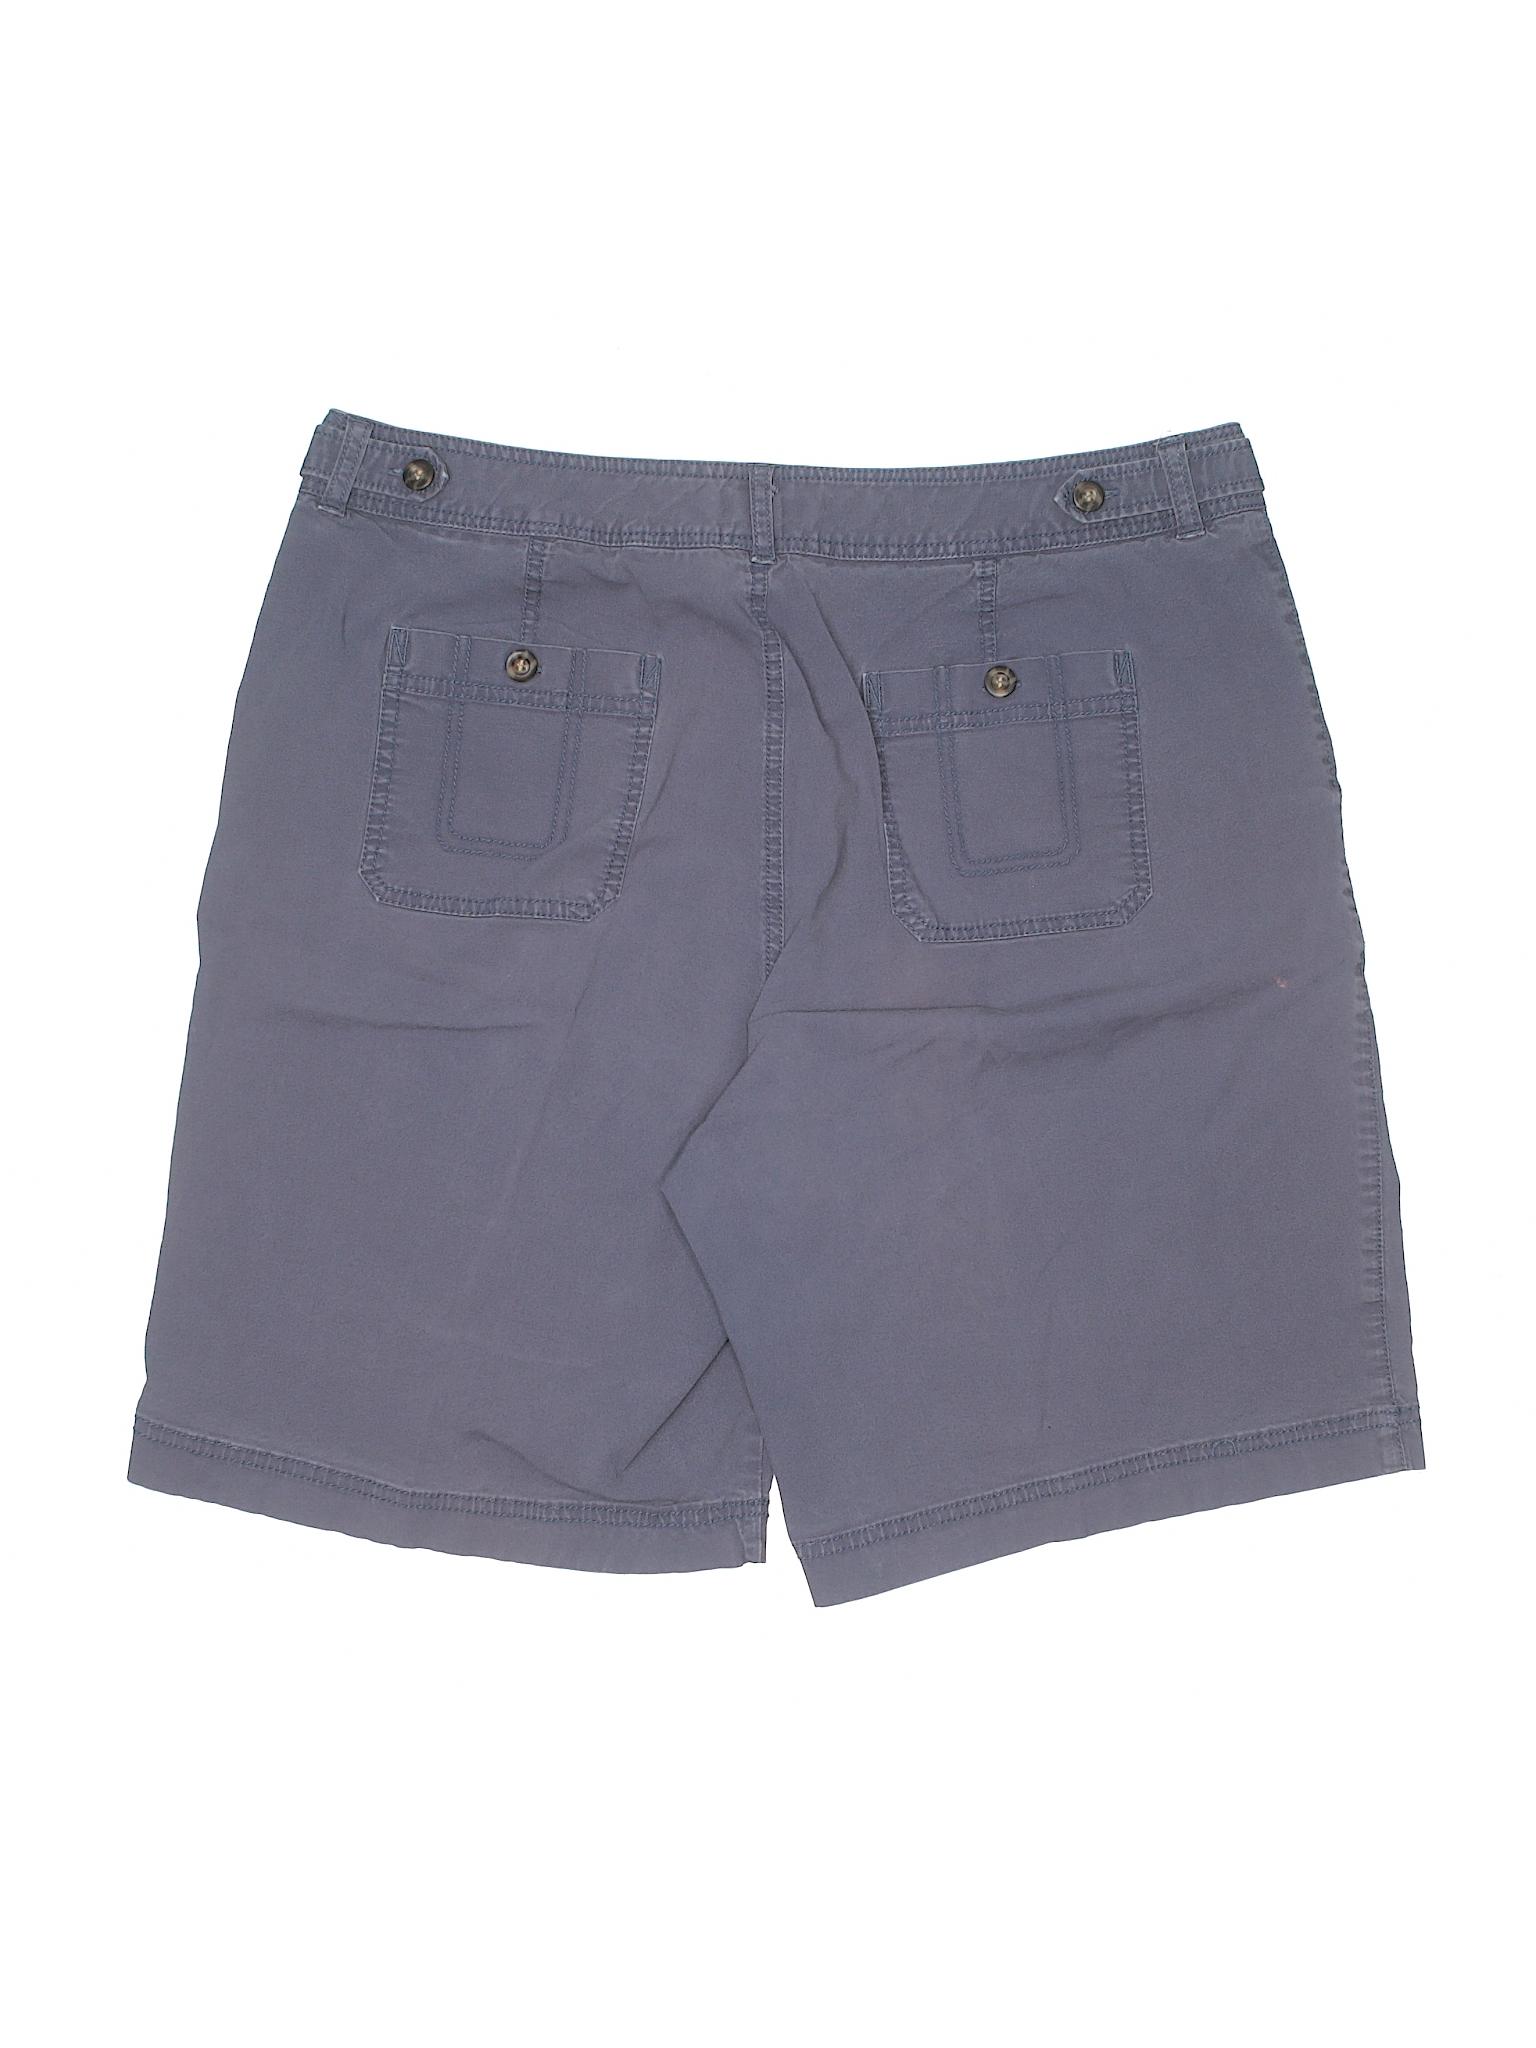 Dockers Dockers winter Boutique Shorts Khaki Boutique winter 8qw1Ux744